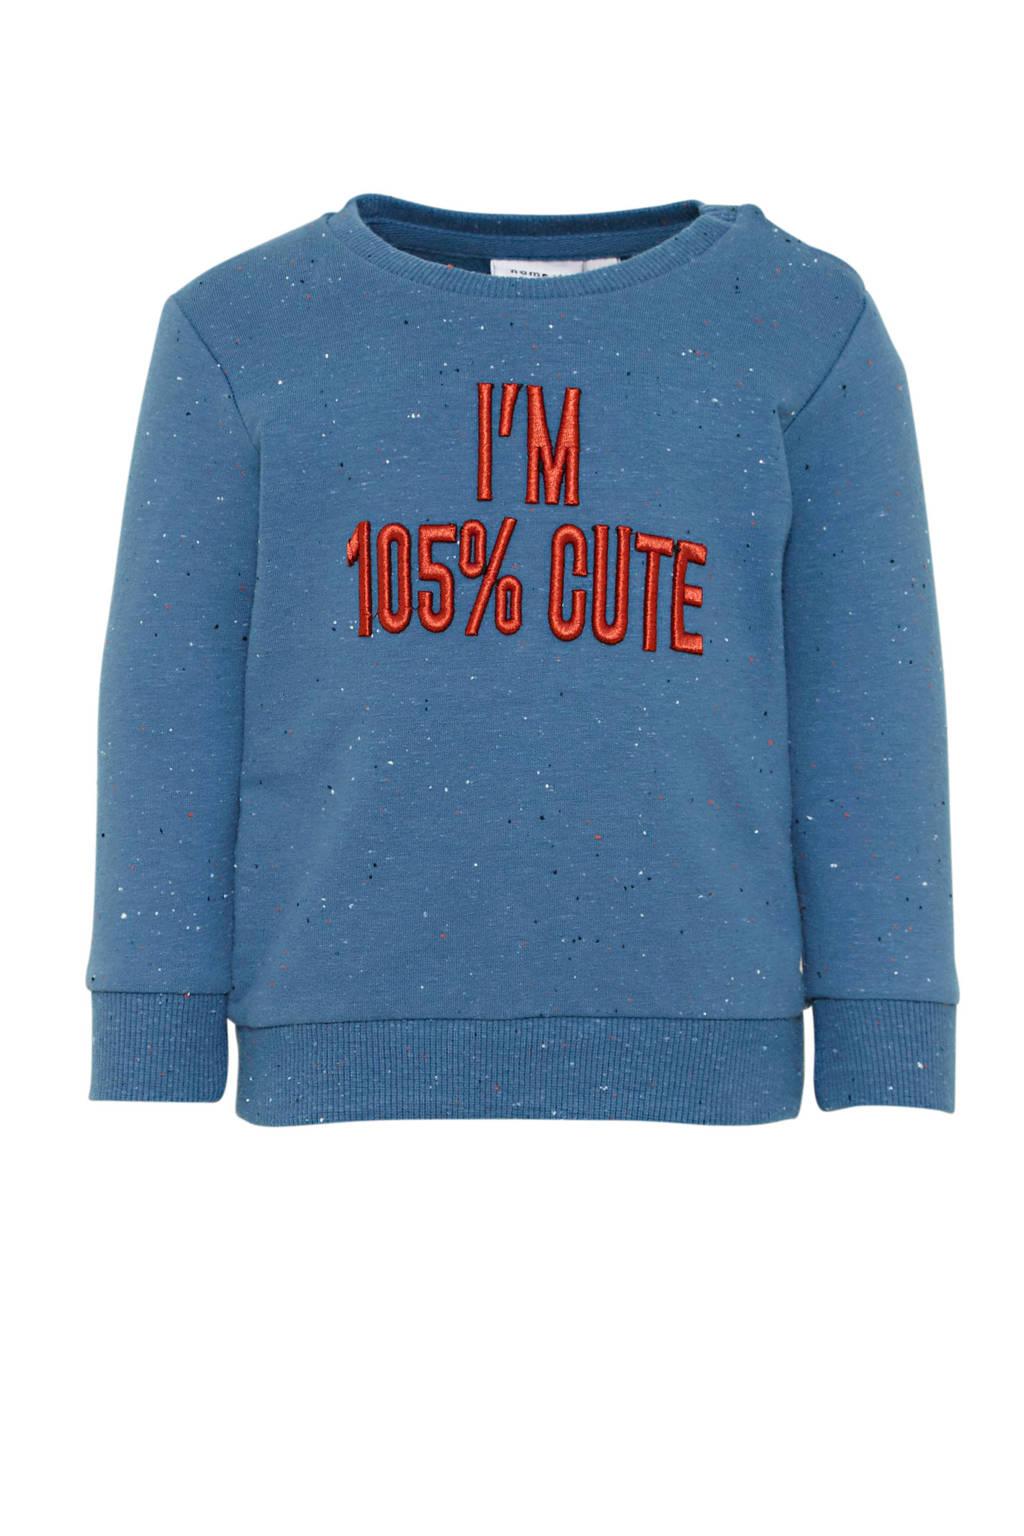 NAME IT BABY sweater Octavian met biologisch katoen blauw/rood, Blauw/rood